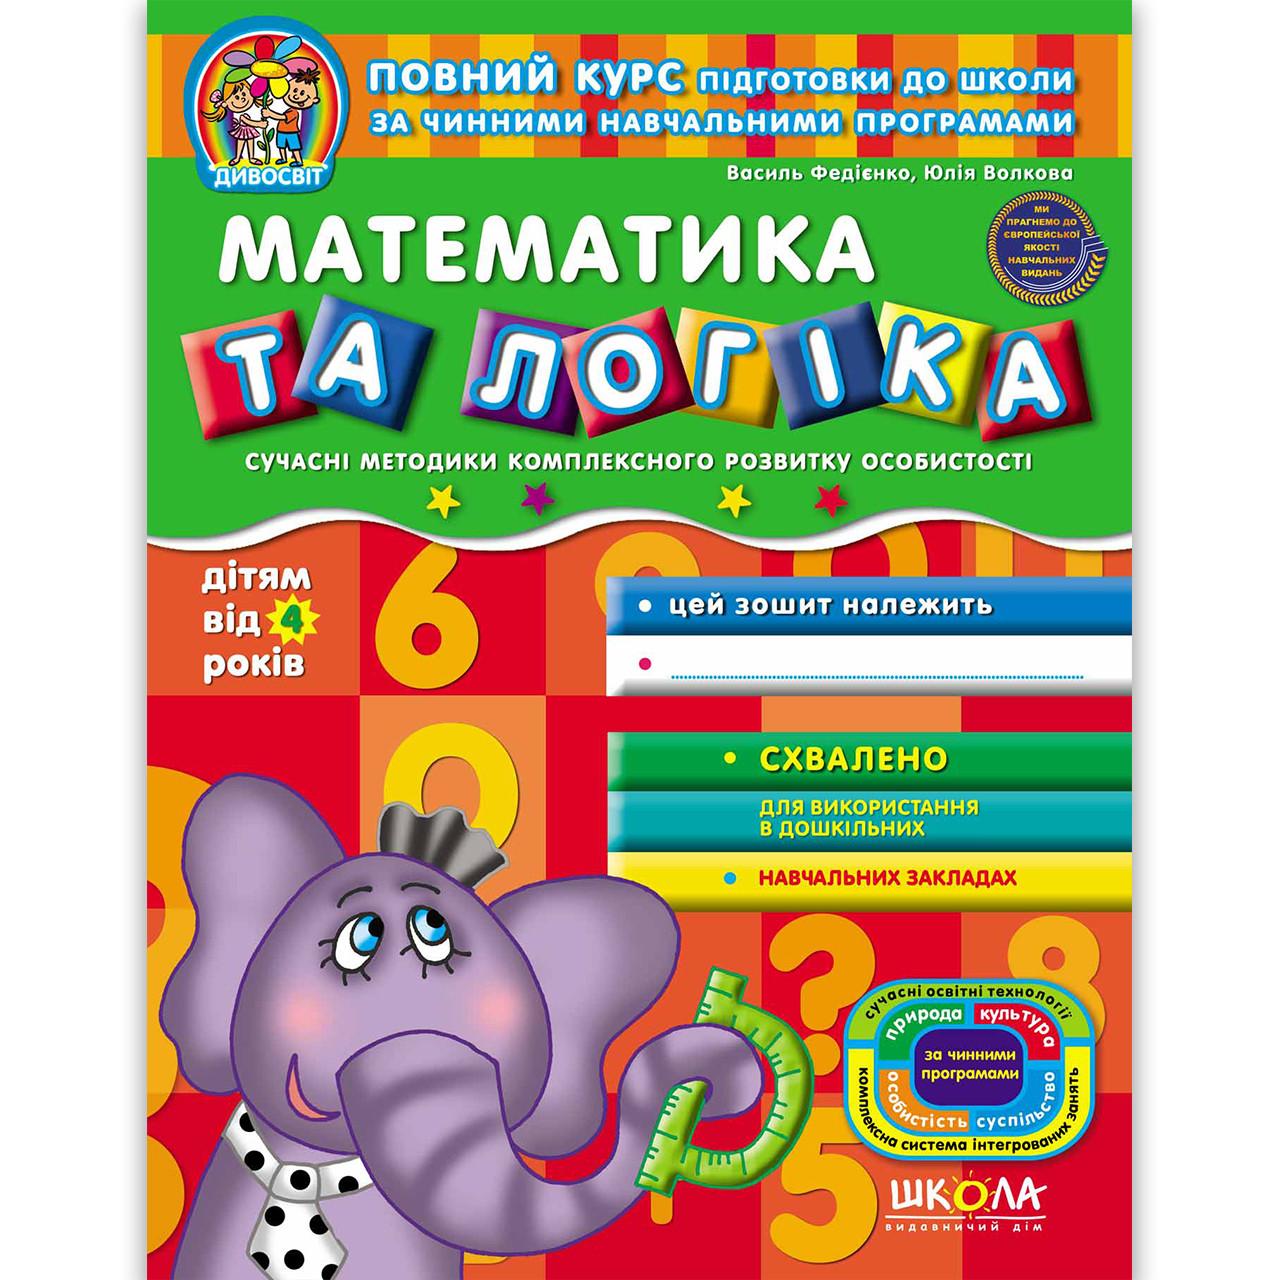 Дивосвіт Математика та логіка дітям від 4 років Авт: Федієнко В. Вигляд: Школа